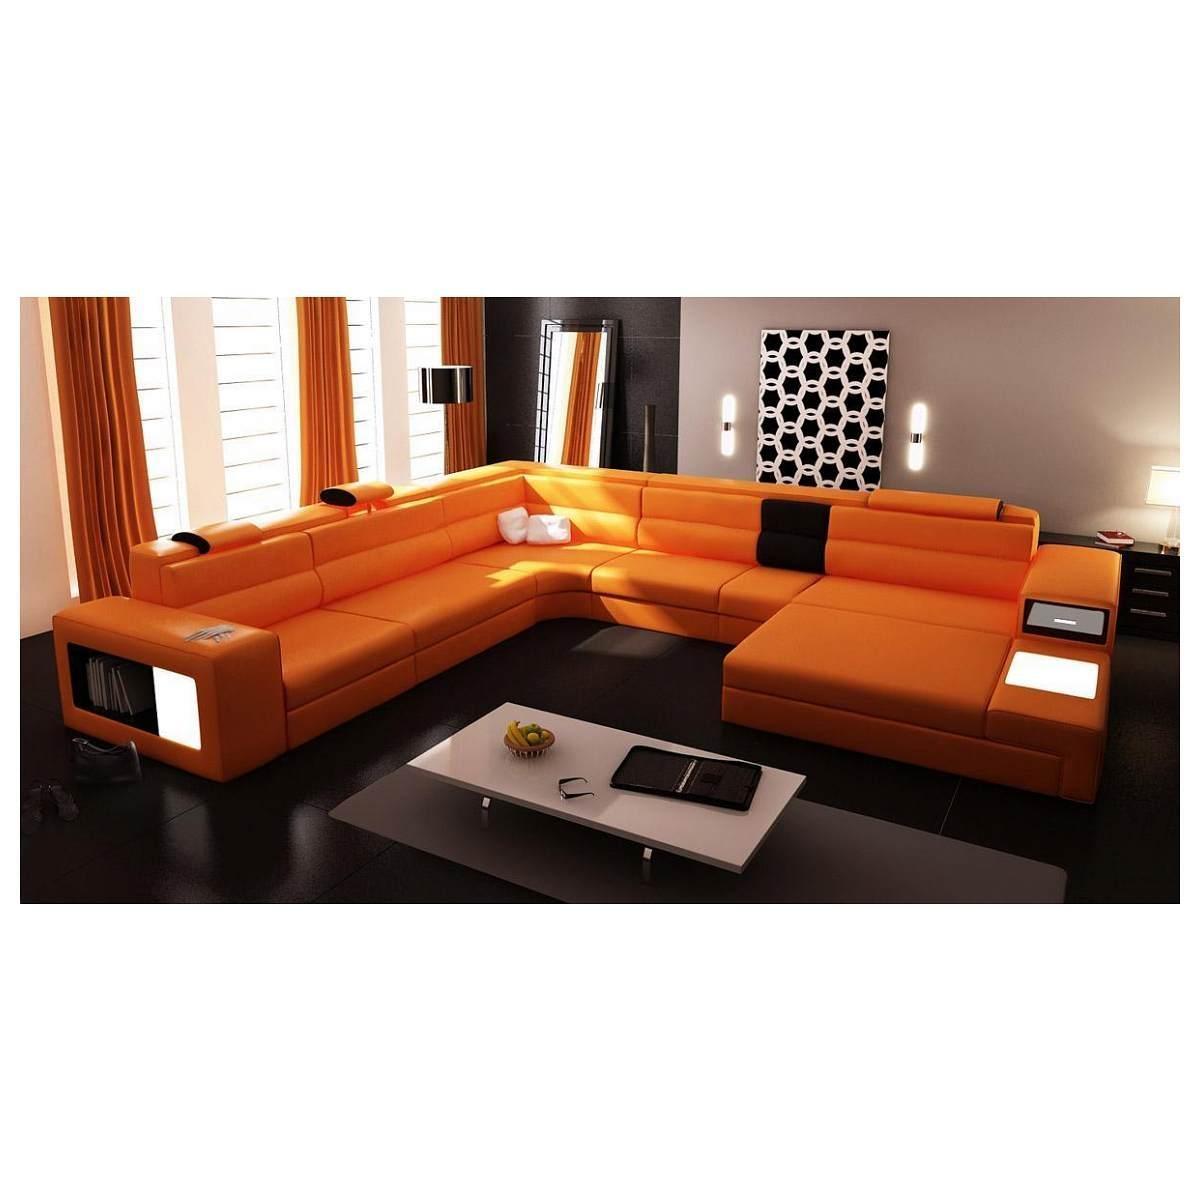 Orange Leather Sofa Nz | Tehranmix Decoration Inside Burnt Orange Leather Sofas (Image 10 of 20)